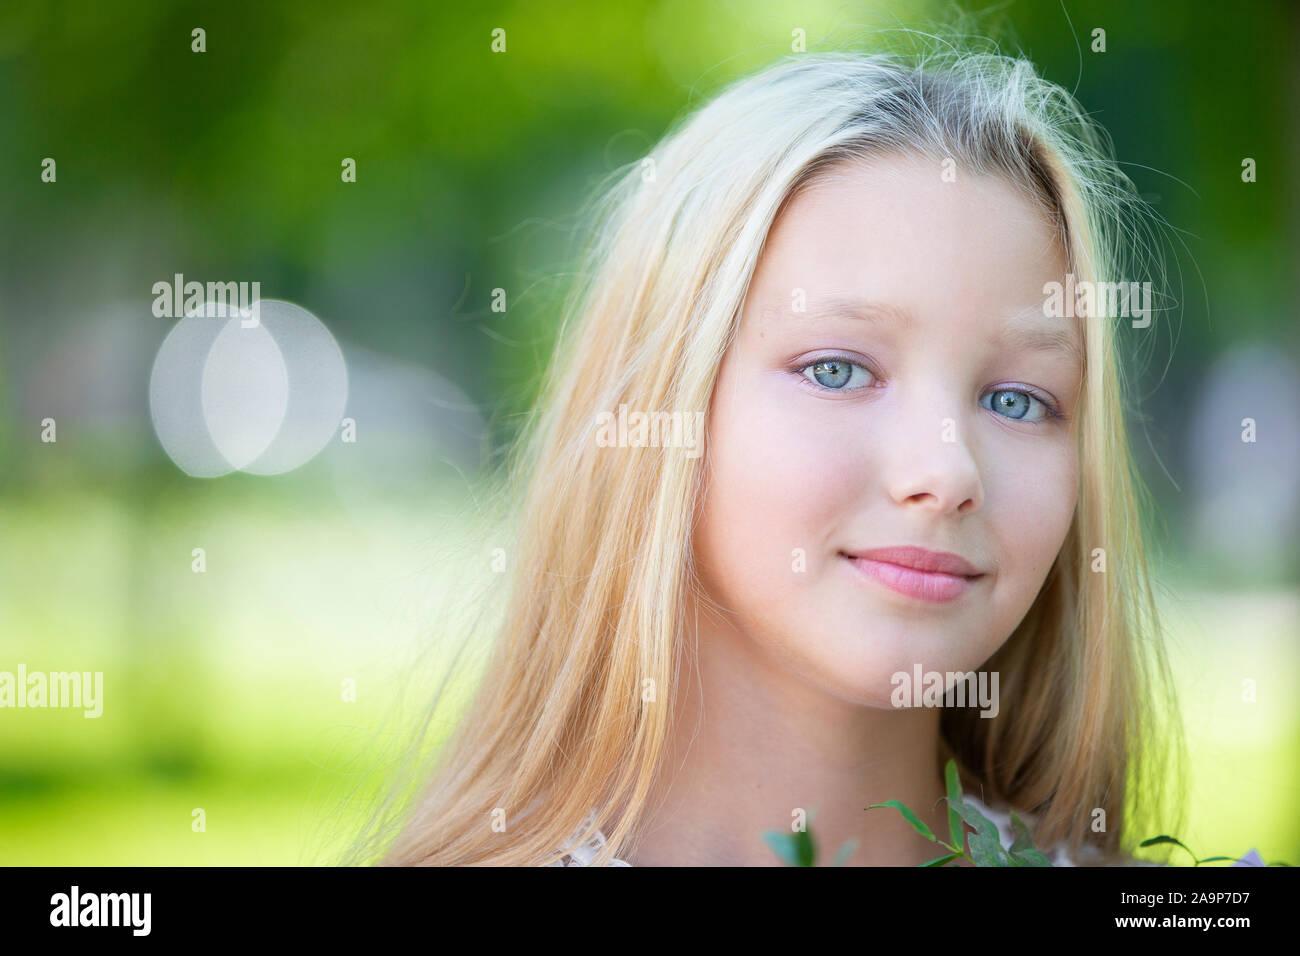 Ritratto di una bella ragazza adolescente. Dieci anni di blue-eyed girl Foto Stock